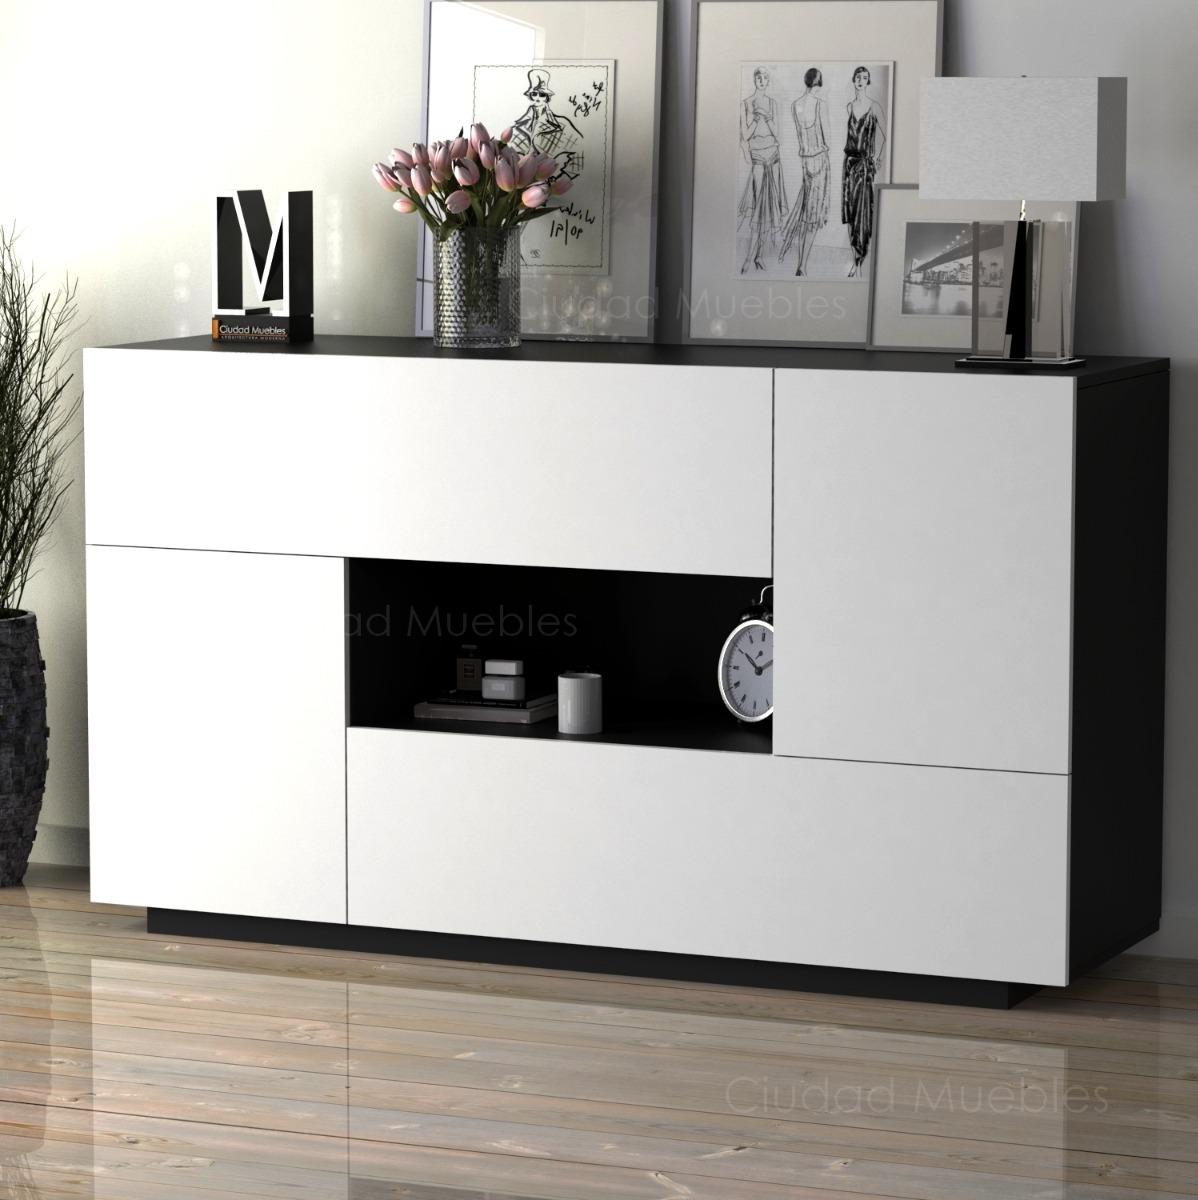 Mueble Vajillero Moderno Comedor 140cm De Largo Oferta  # Muebles Vajilleros Para Comedor